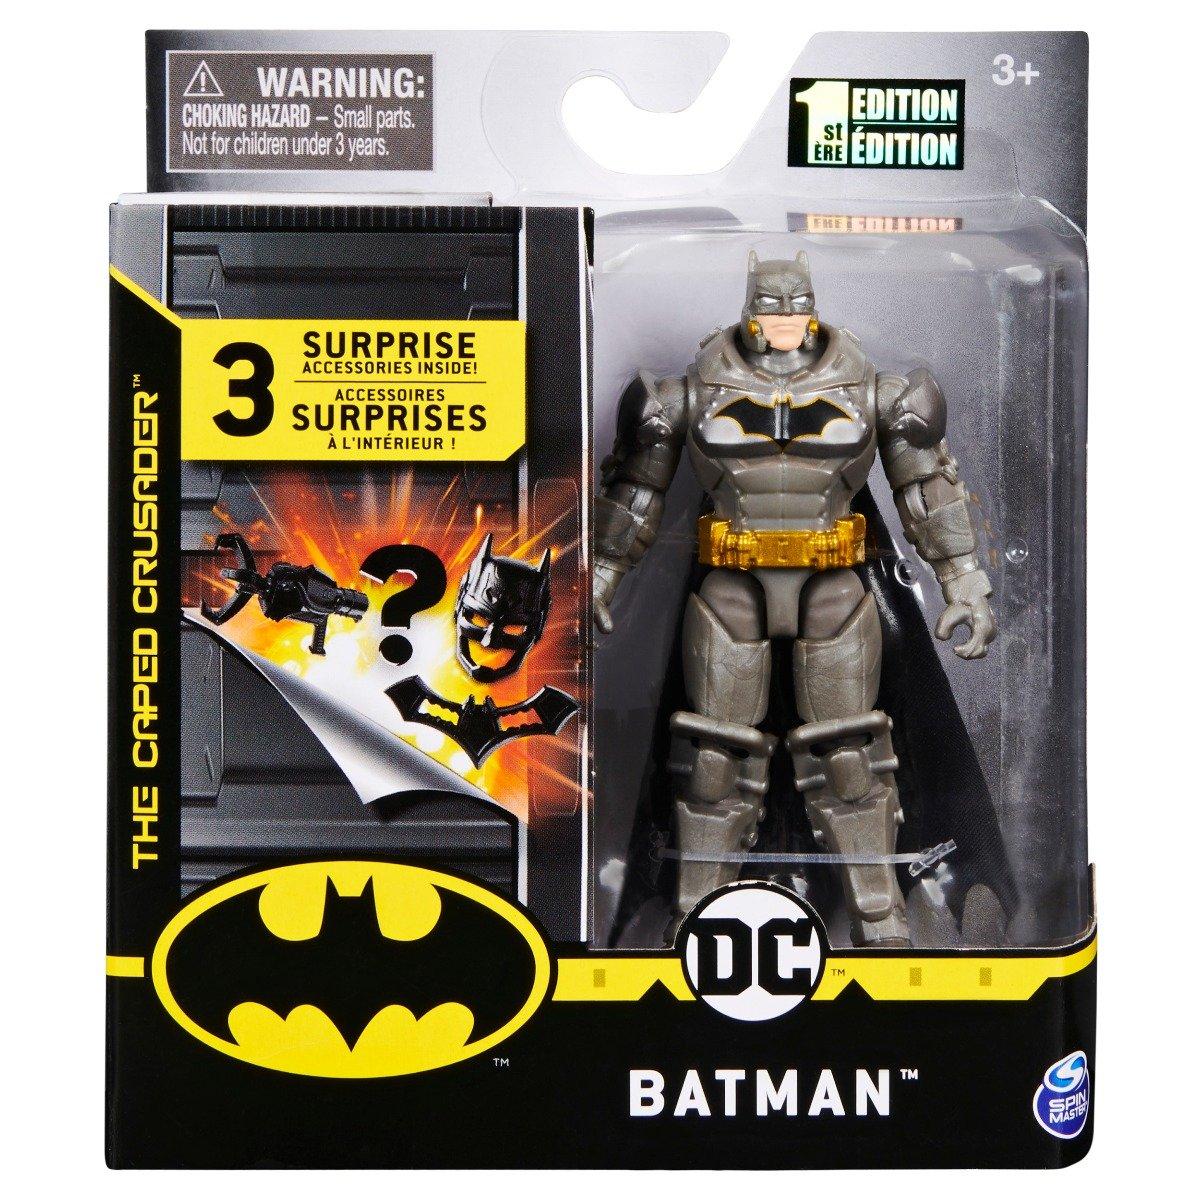 Set Figurina cu accesorii surpriza Batman S3 20125778